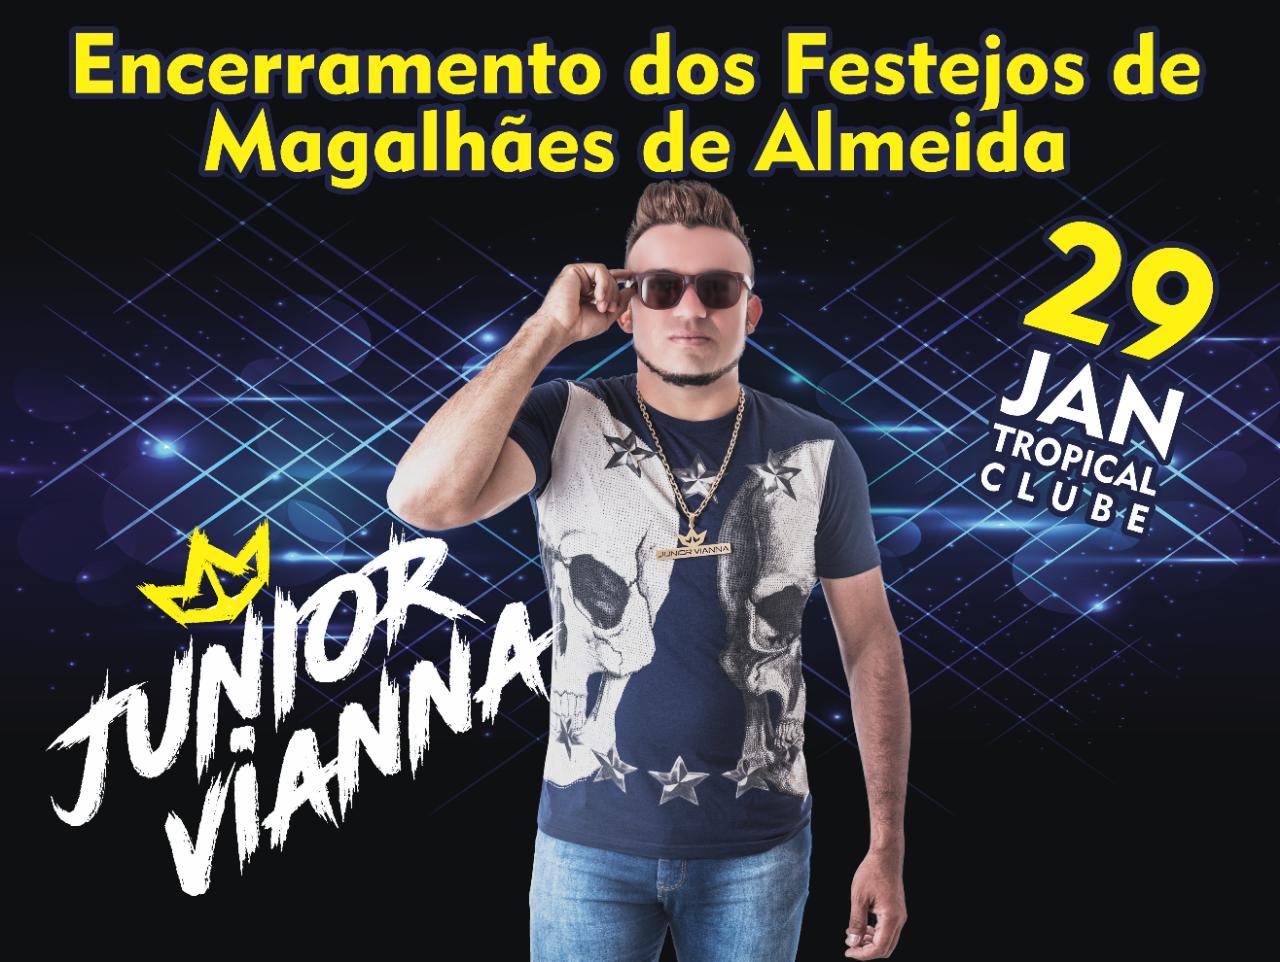 JUNIOR VIANNA DIA 29 DE JANEIRO EM MAGALHÃES DE ALMEIDA